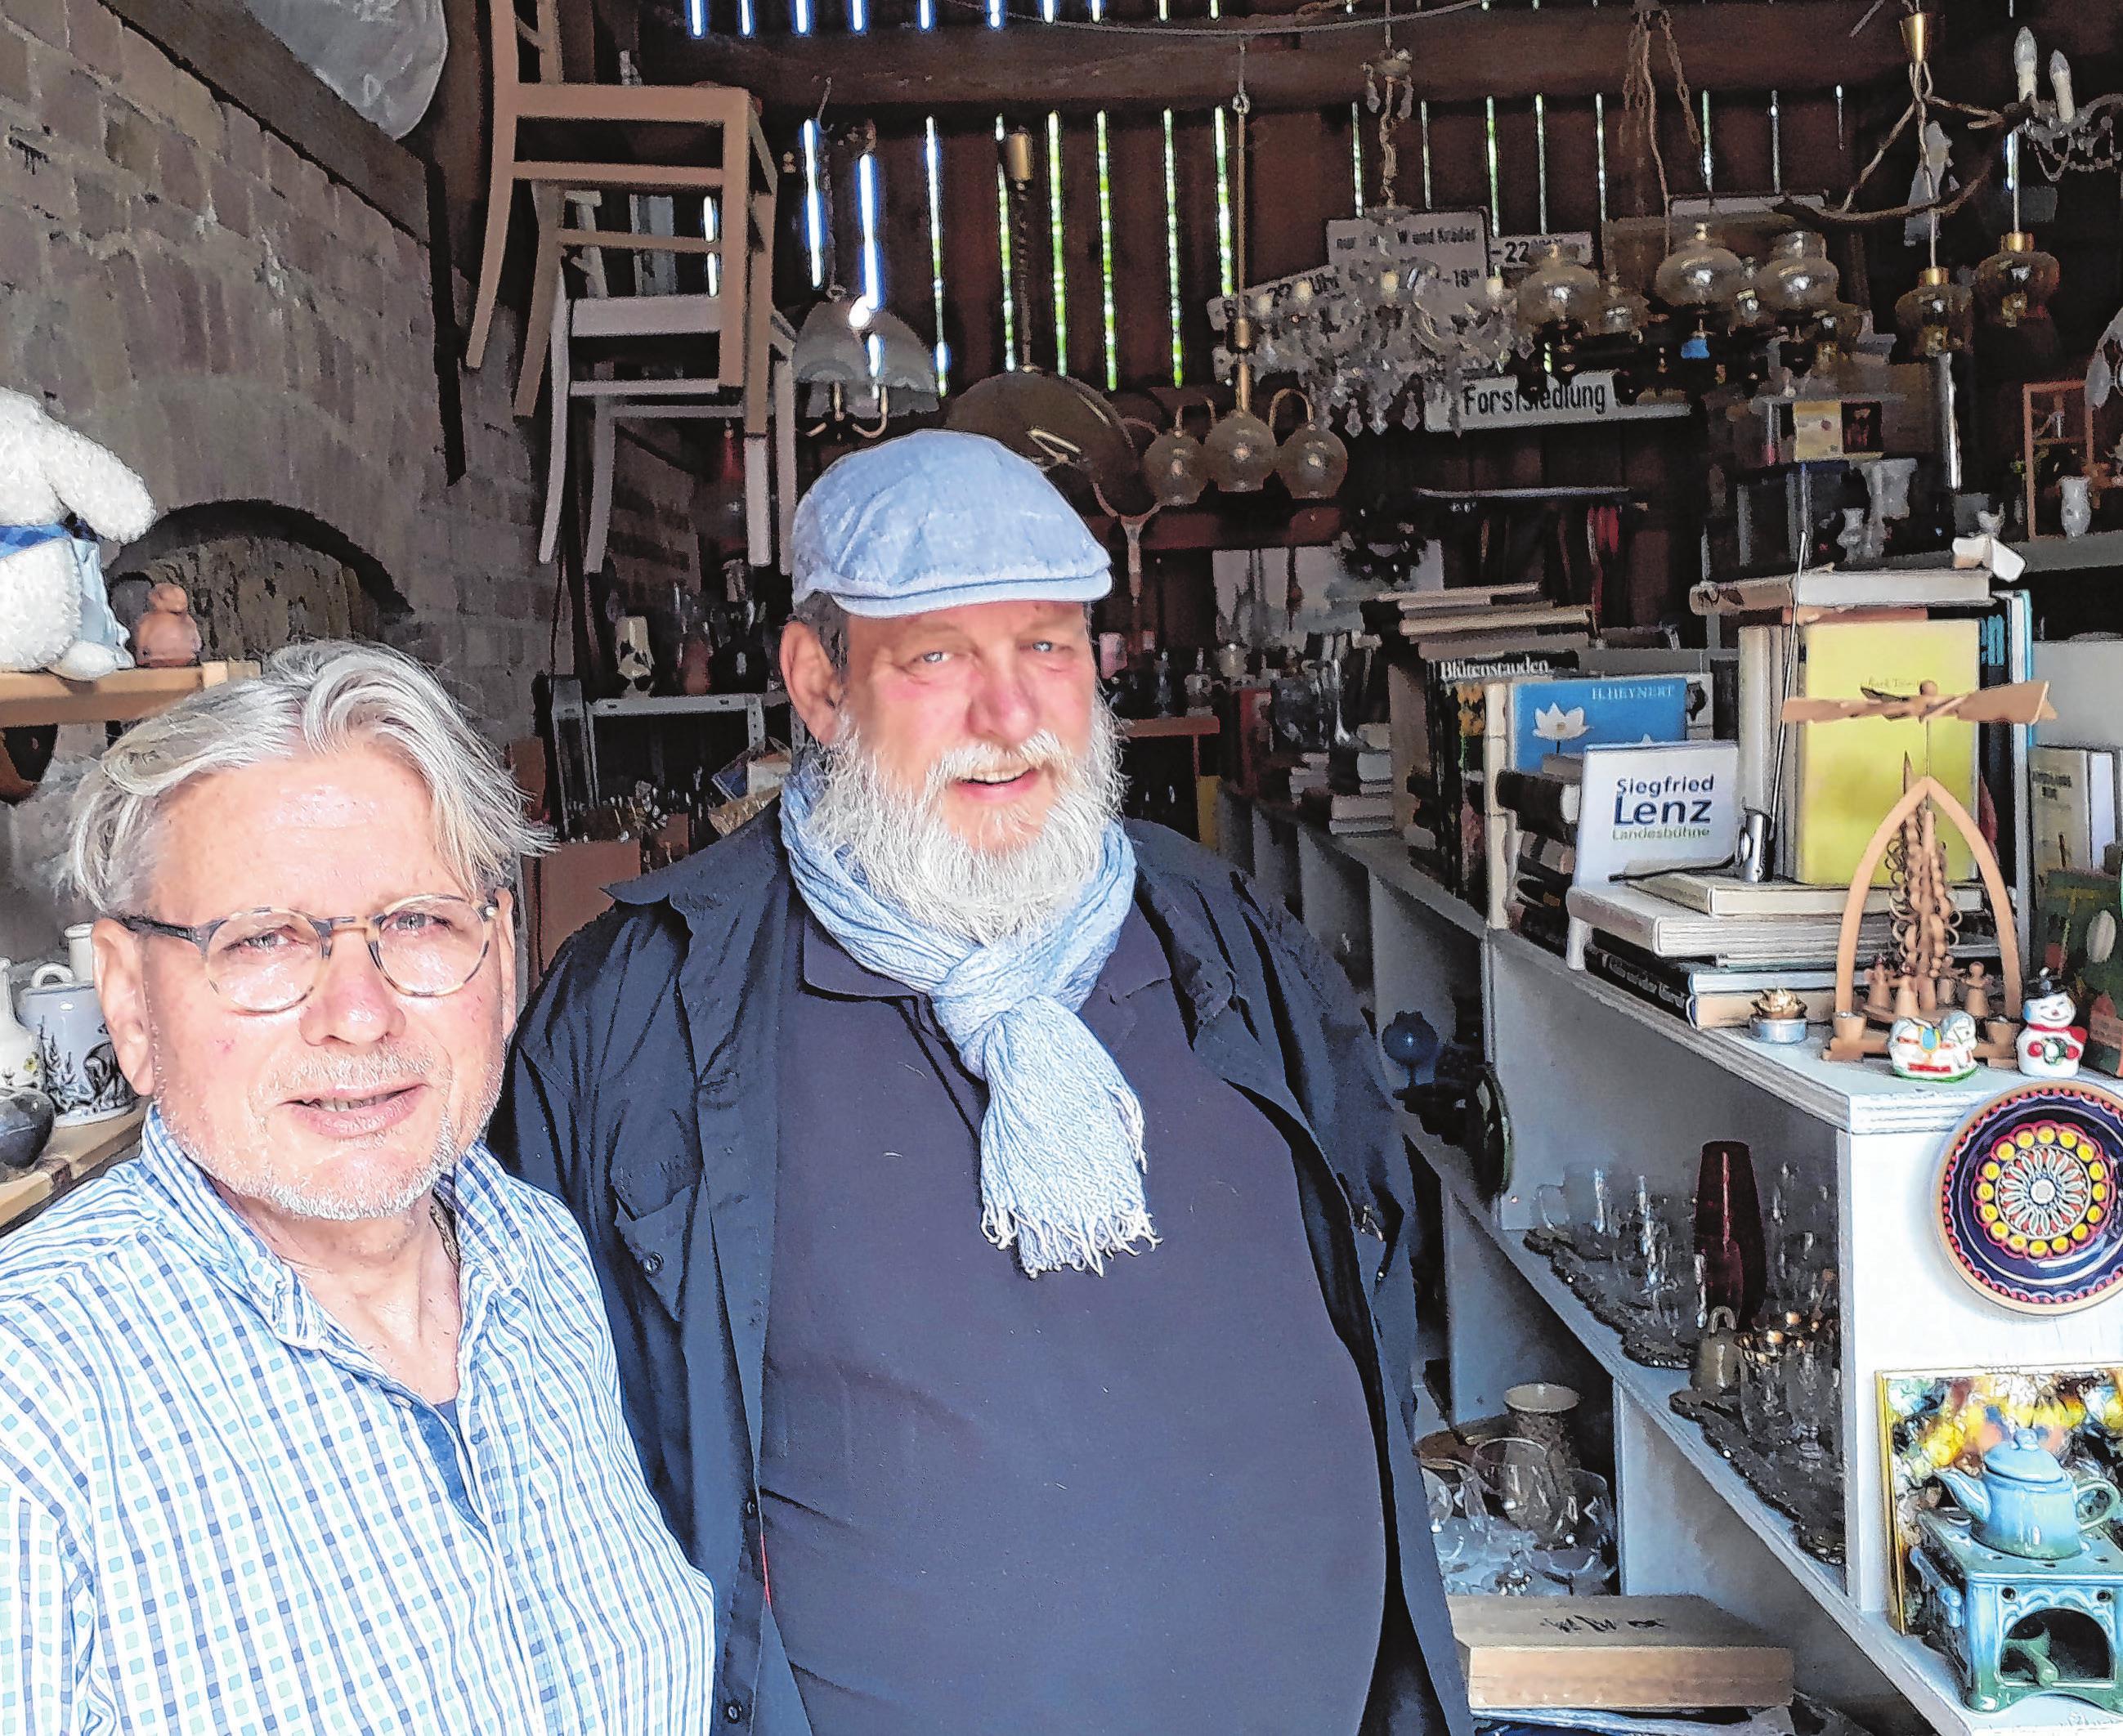 Sie lieben die Trödelscheune in Eichhorst: Michael Renne und Henry Pepinksi Foto: saschu